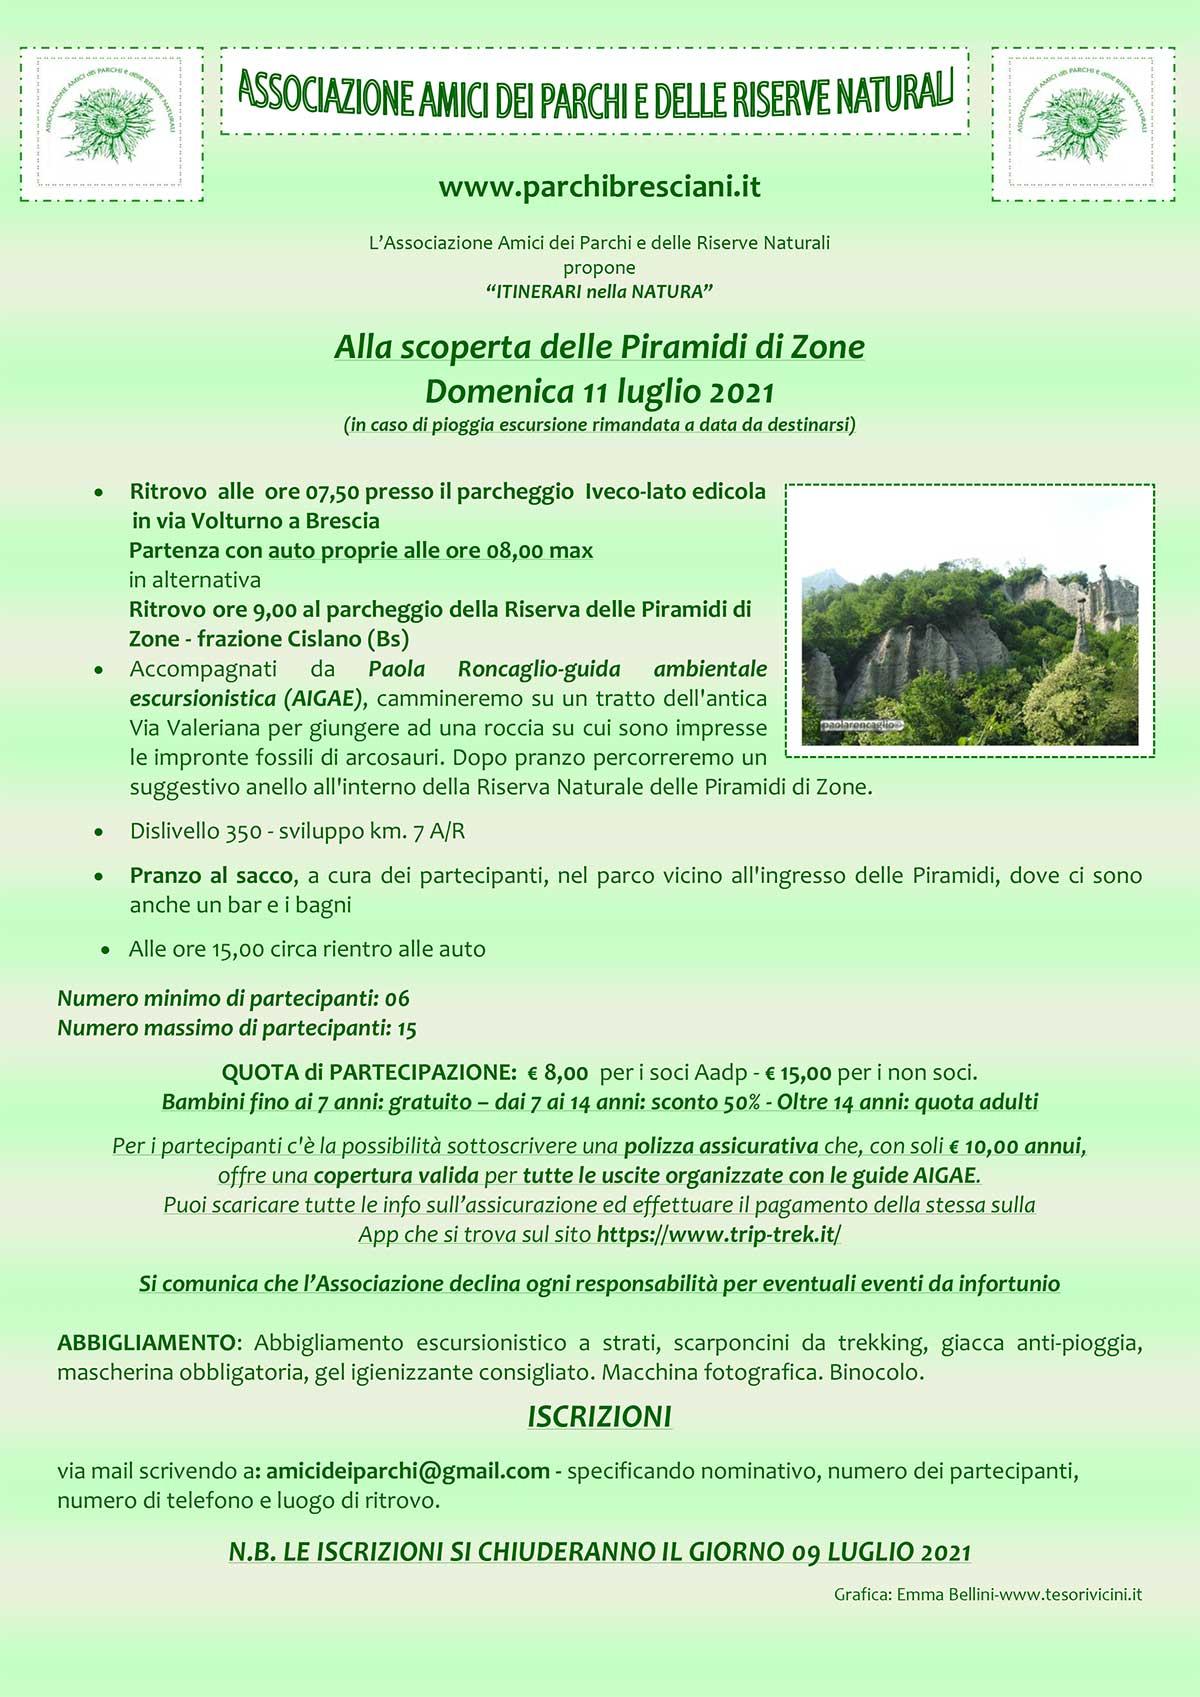 piramidi-zone-escursione-luglio-11.07.21